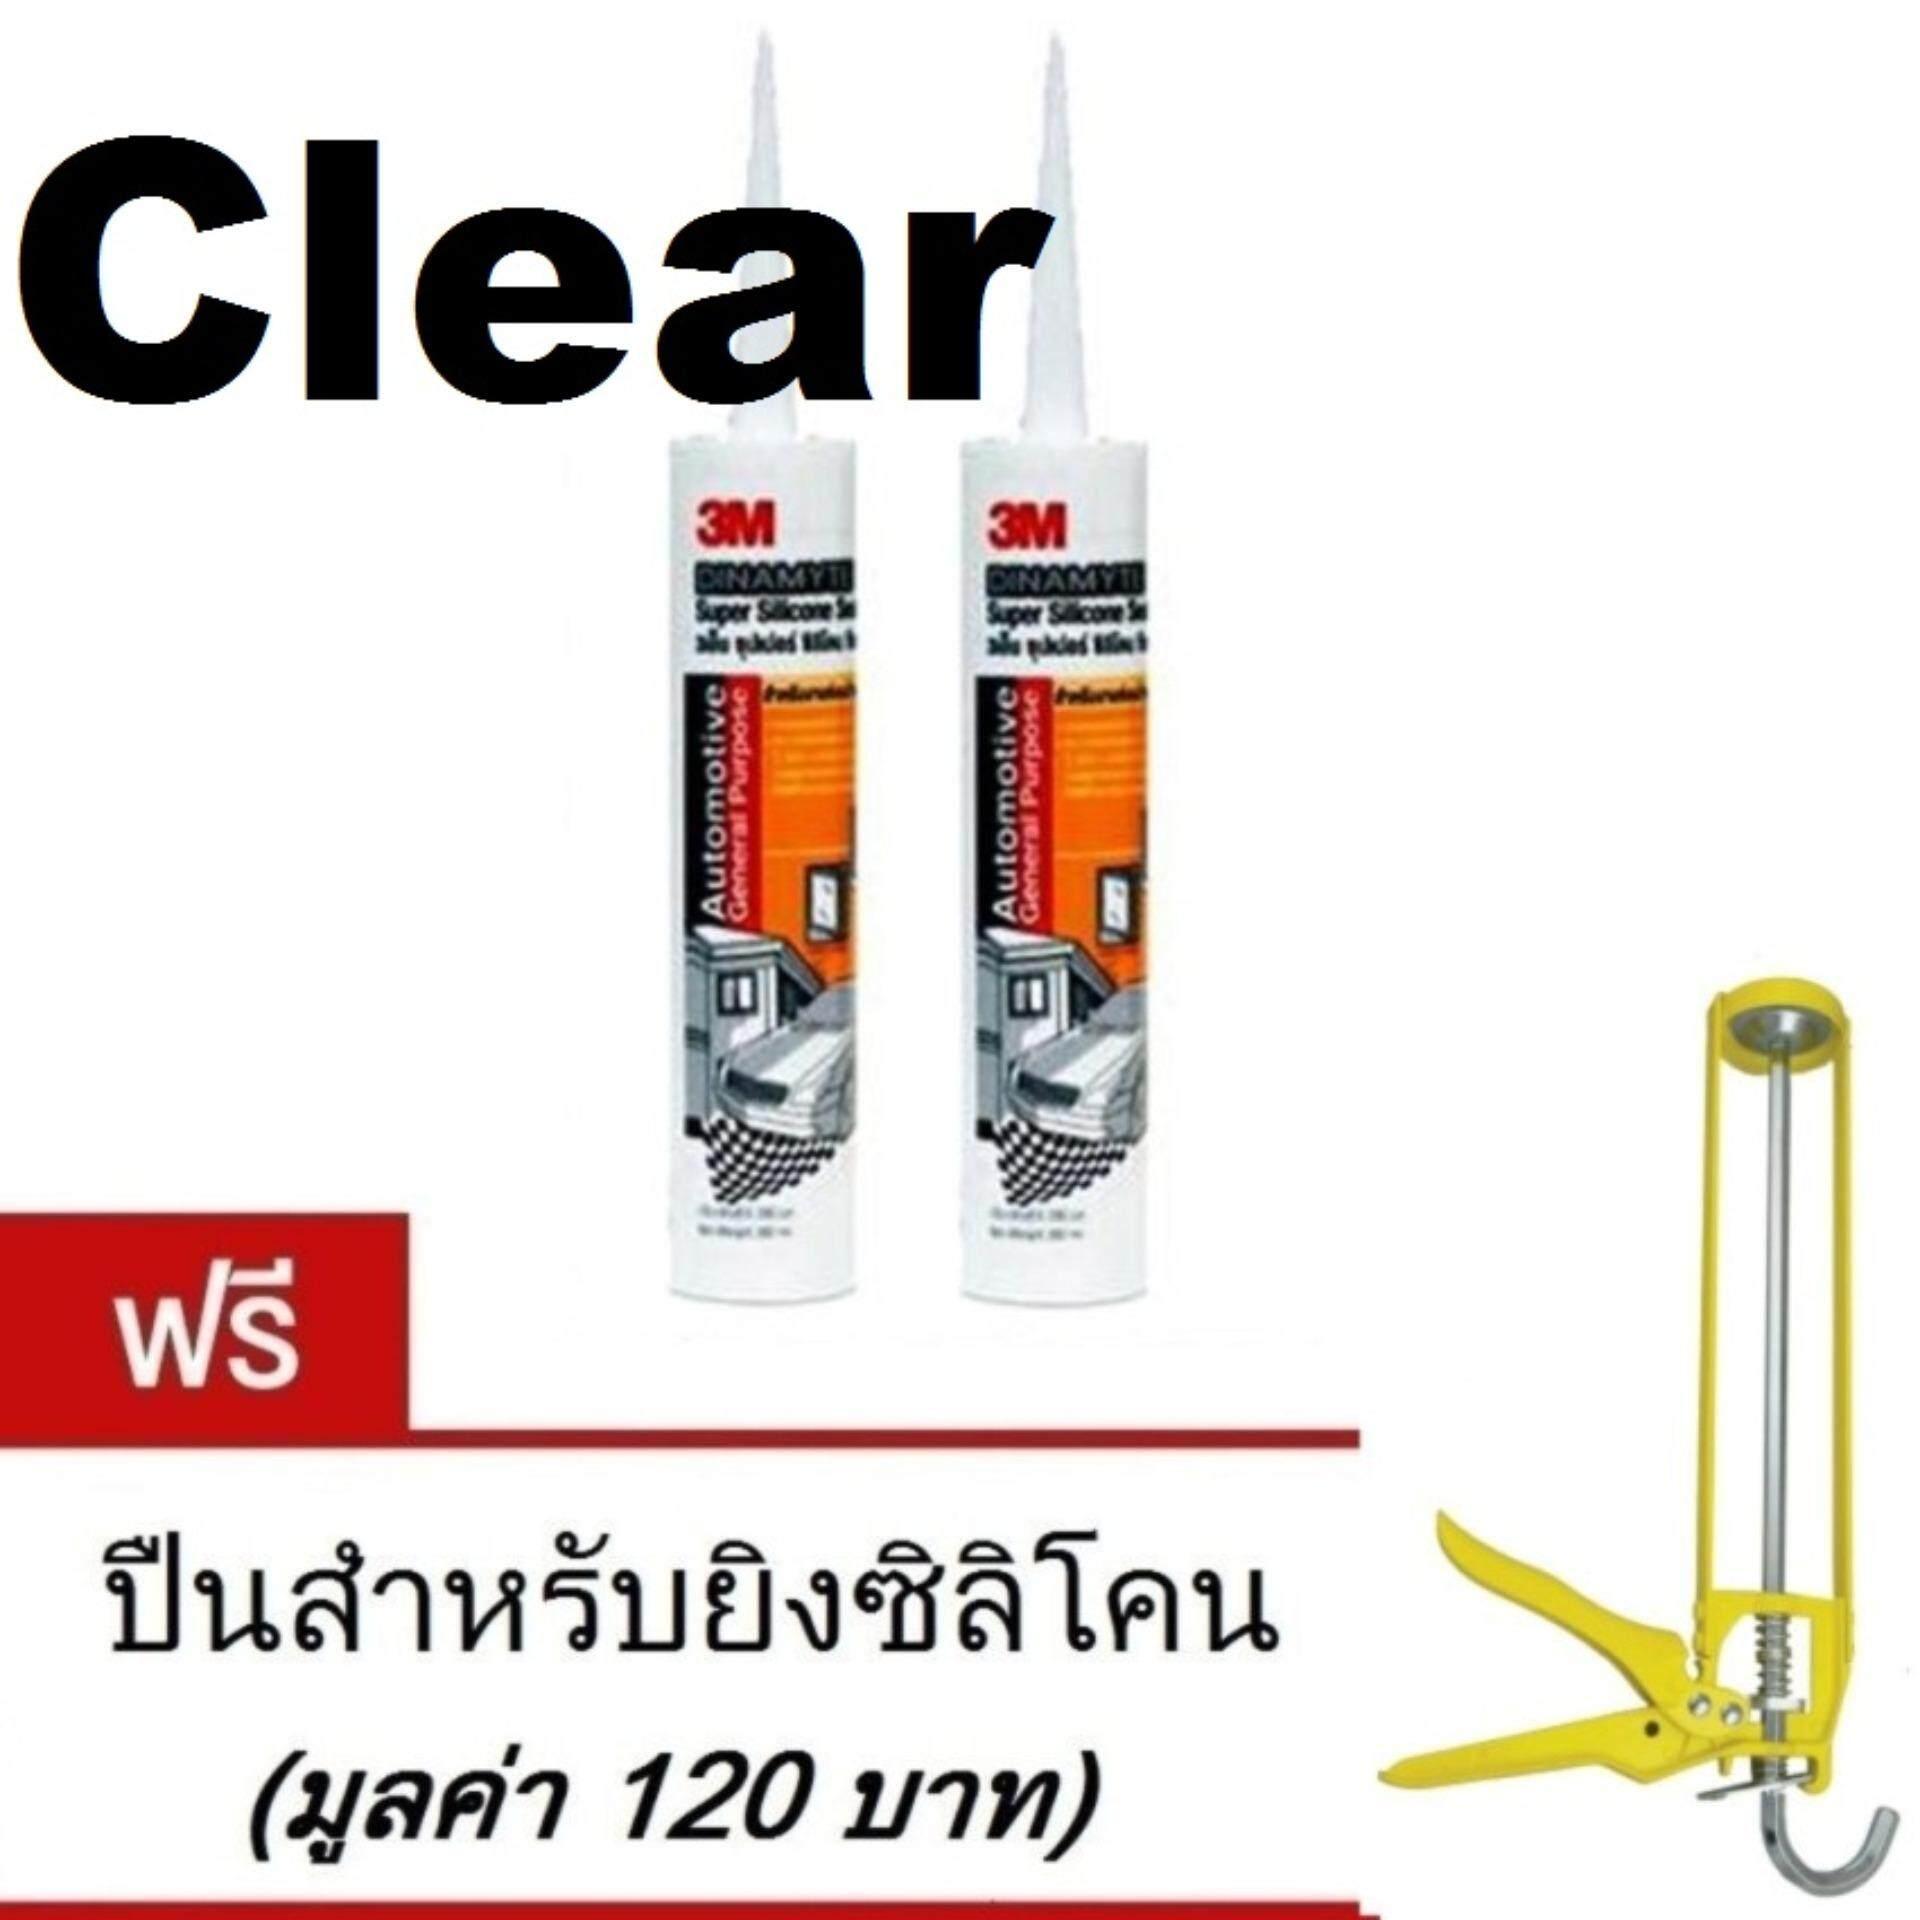 กาวซิลิโคน สีใส (x2หลอด) 3M Clear Dinamyte Silicone Sealant 280ml สำหรับภายในและ ภายนอก รถ บ้าน กระจก ไฟเบอร์ ไม้ พลาสติก กระเบื้อง และวัสดุทั่วไป